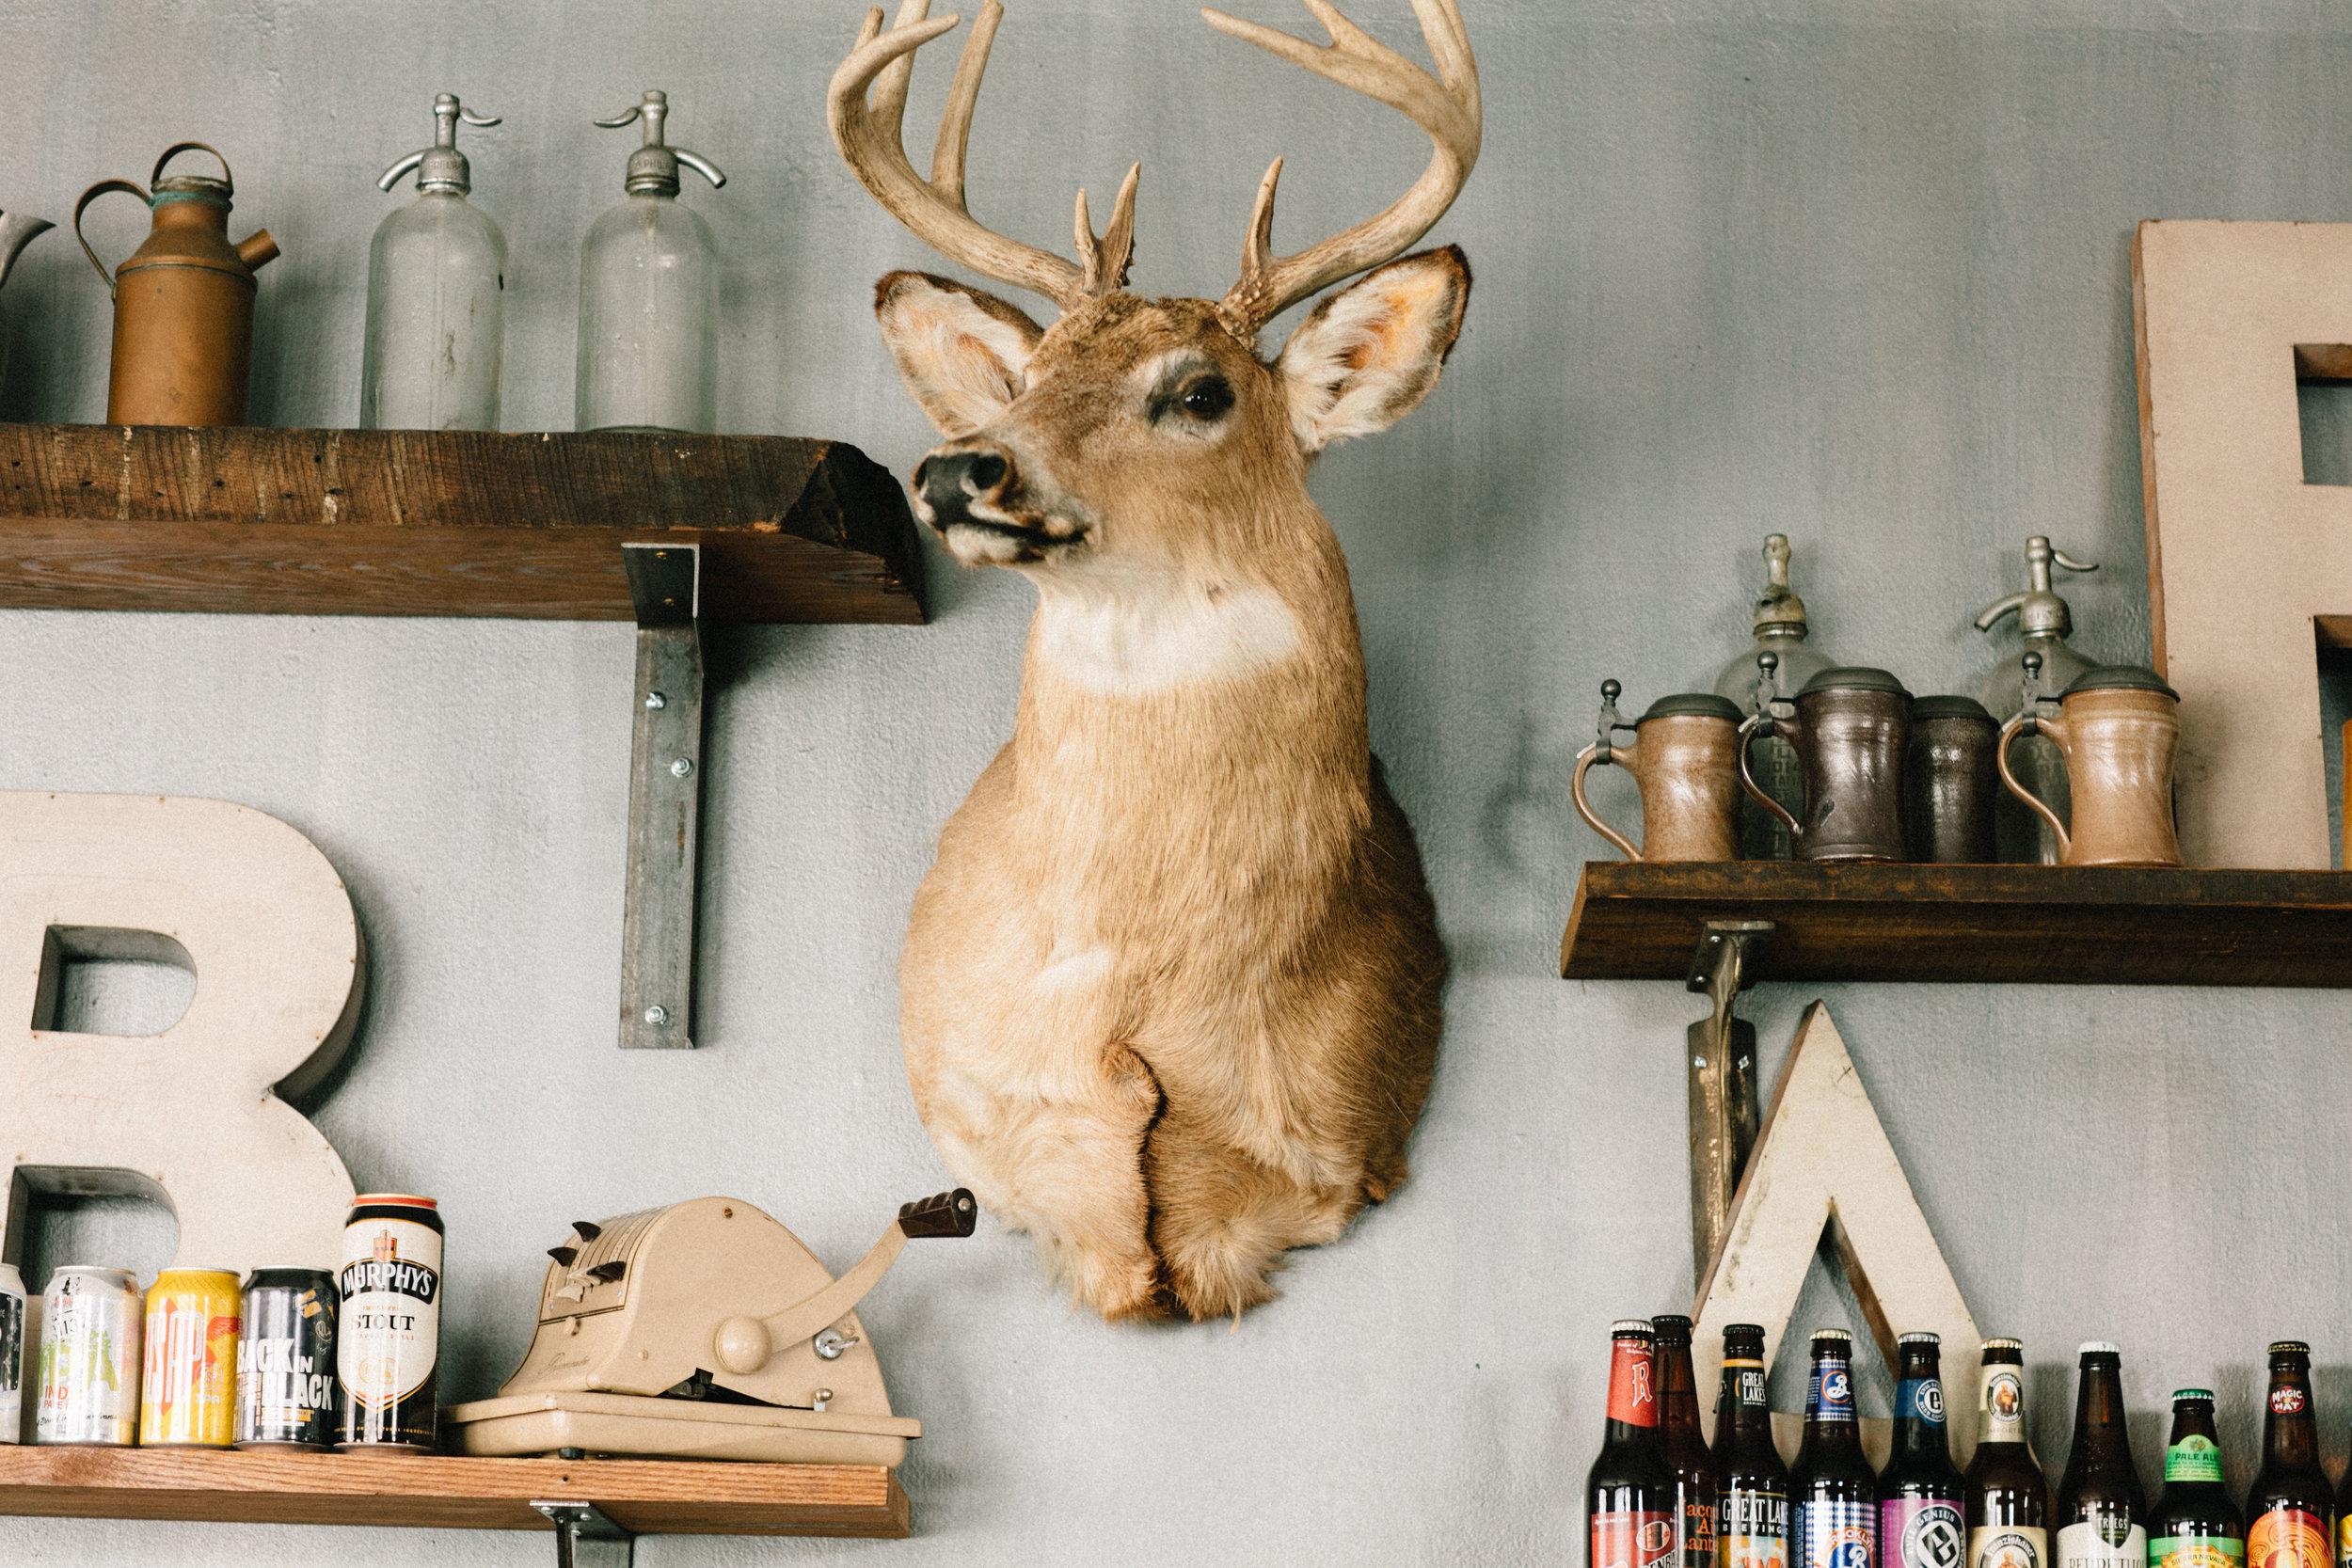 behind the bar.jpg